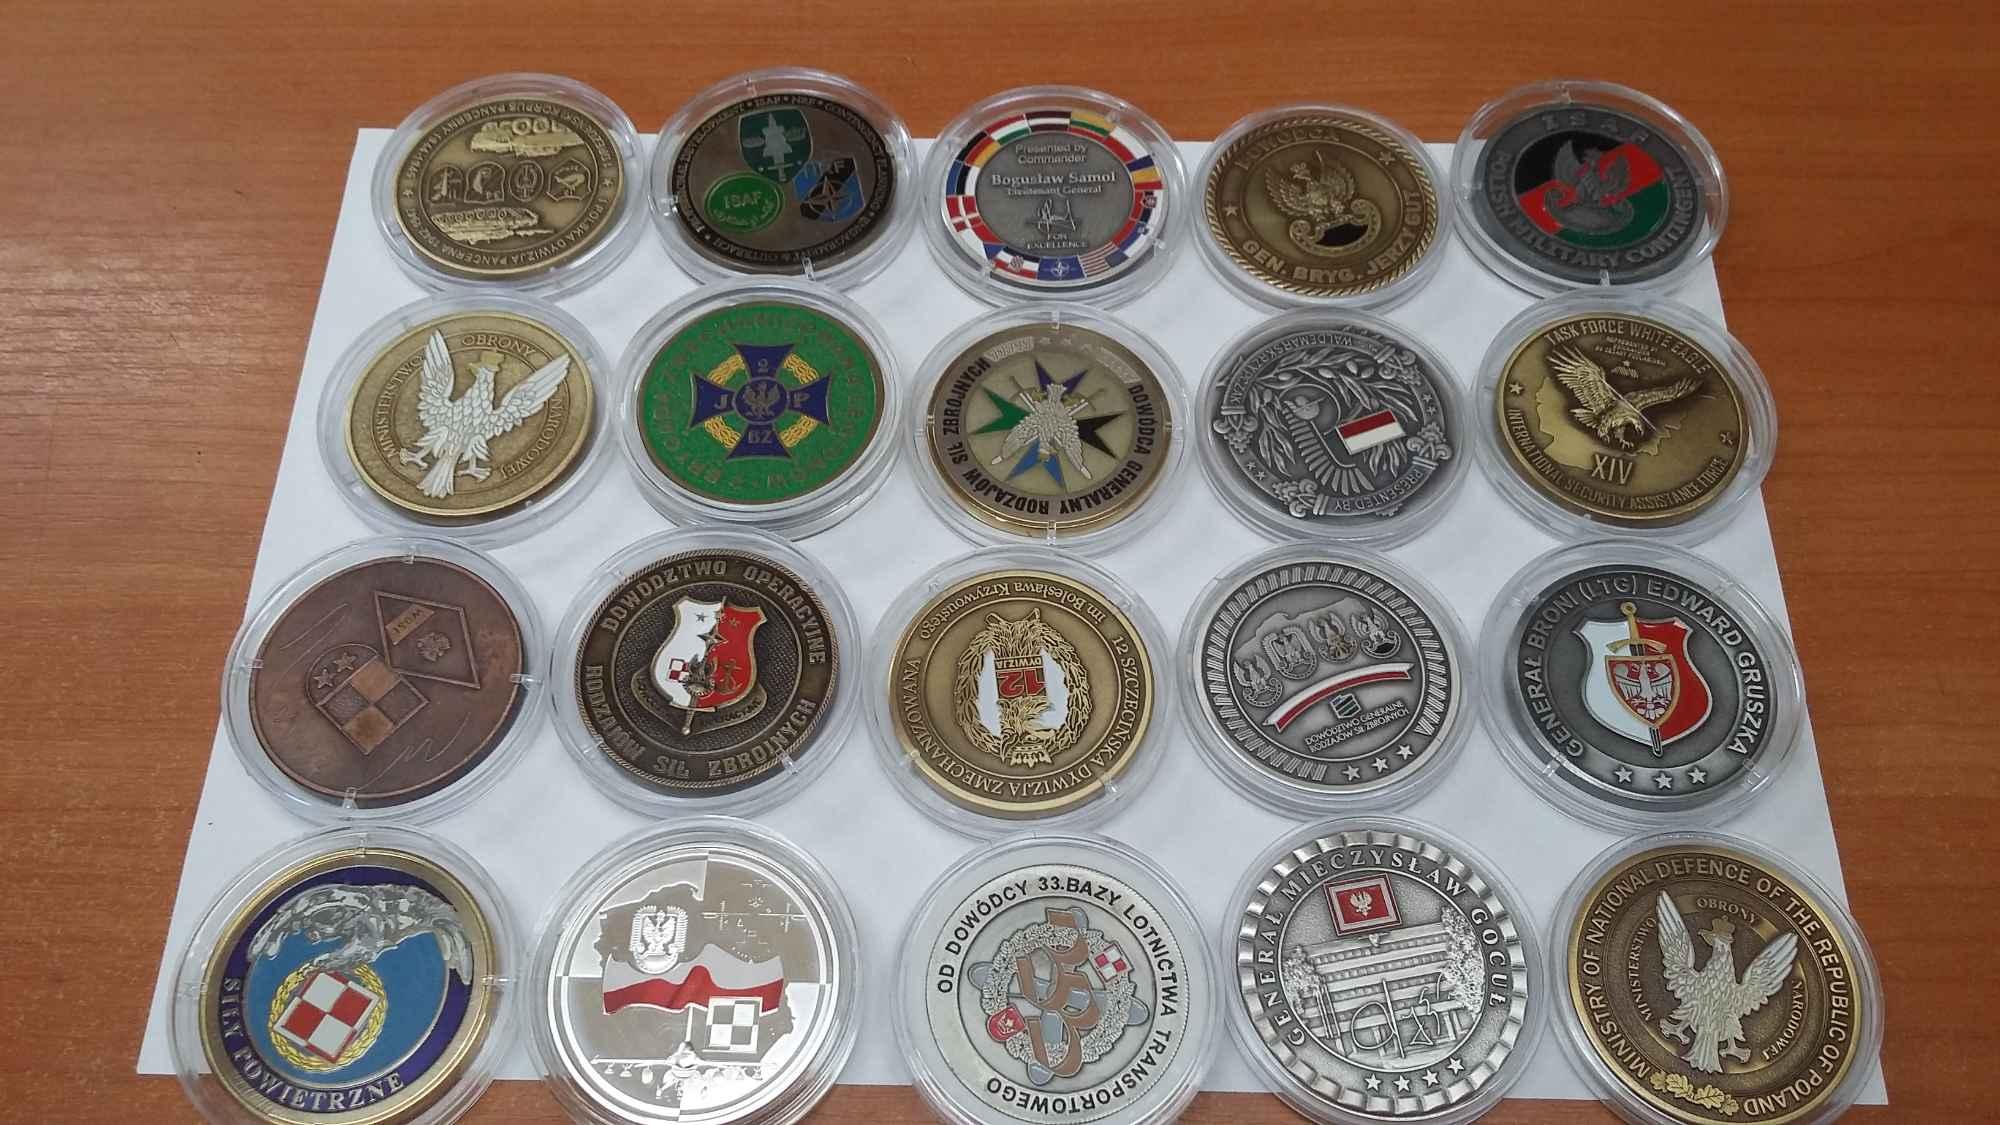 Skup antyków,monet,biżuterii. zegarków,srebra,militaria Wałcz - zdjęcie 3